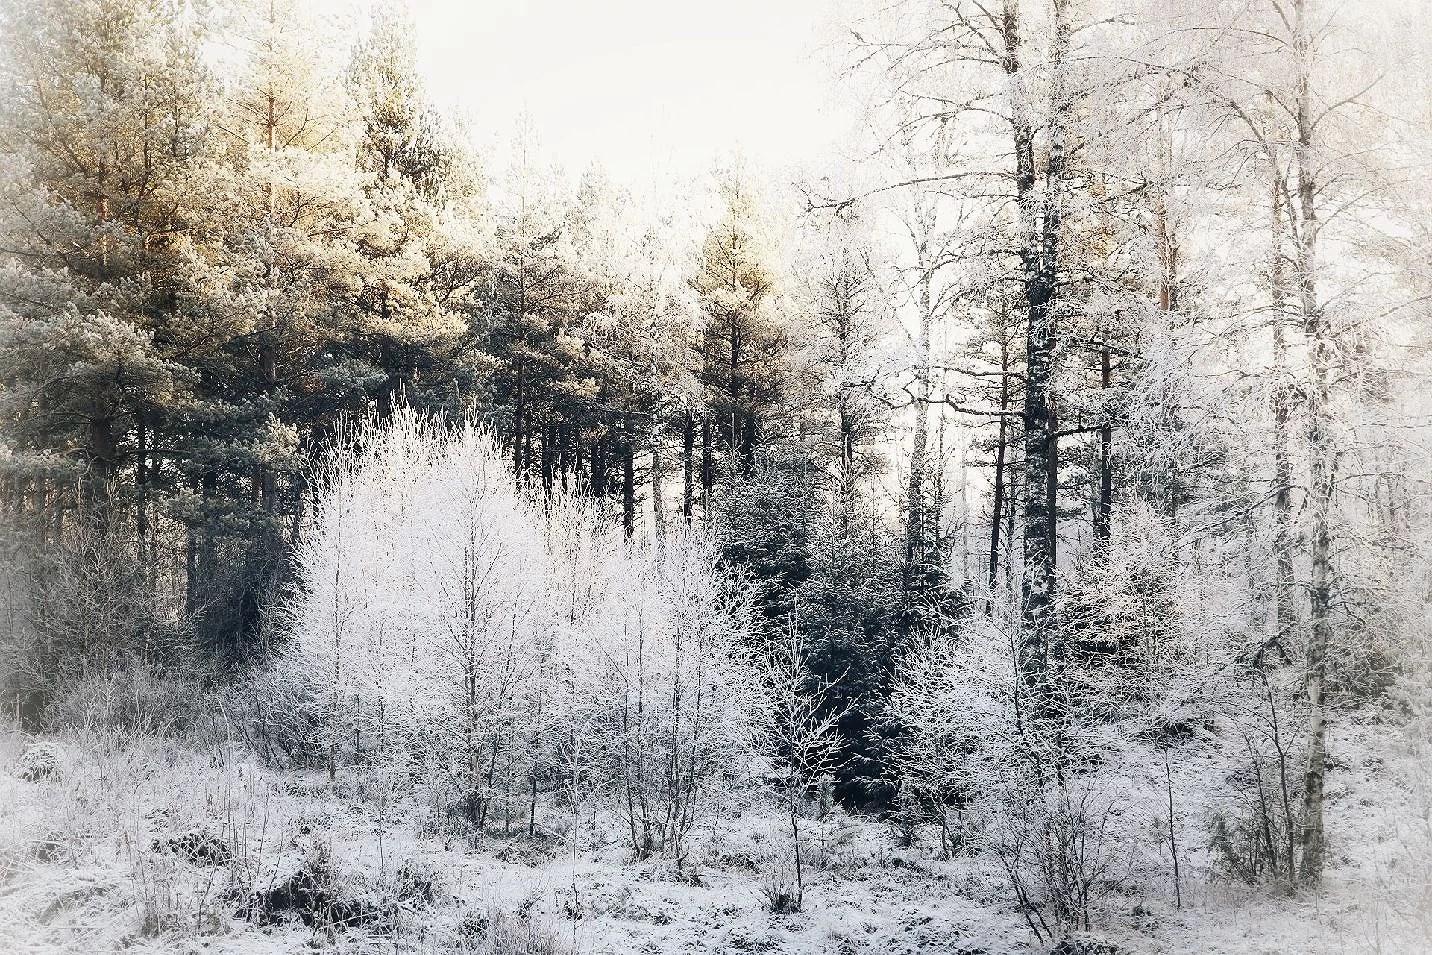 Winter wonderland ♡